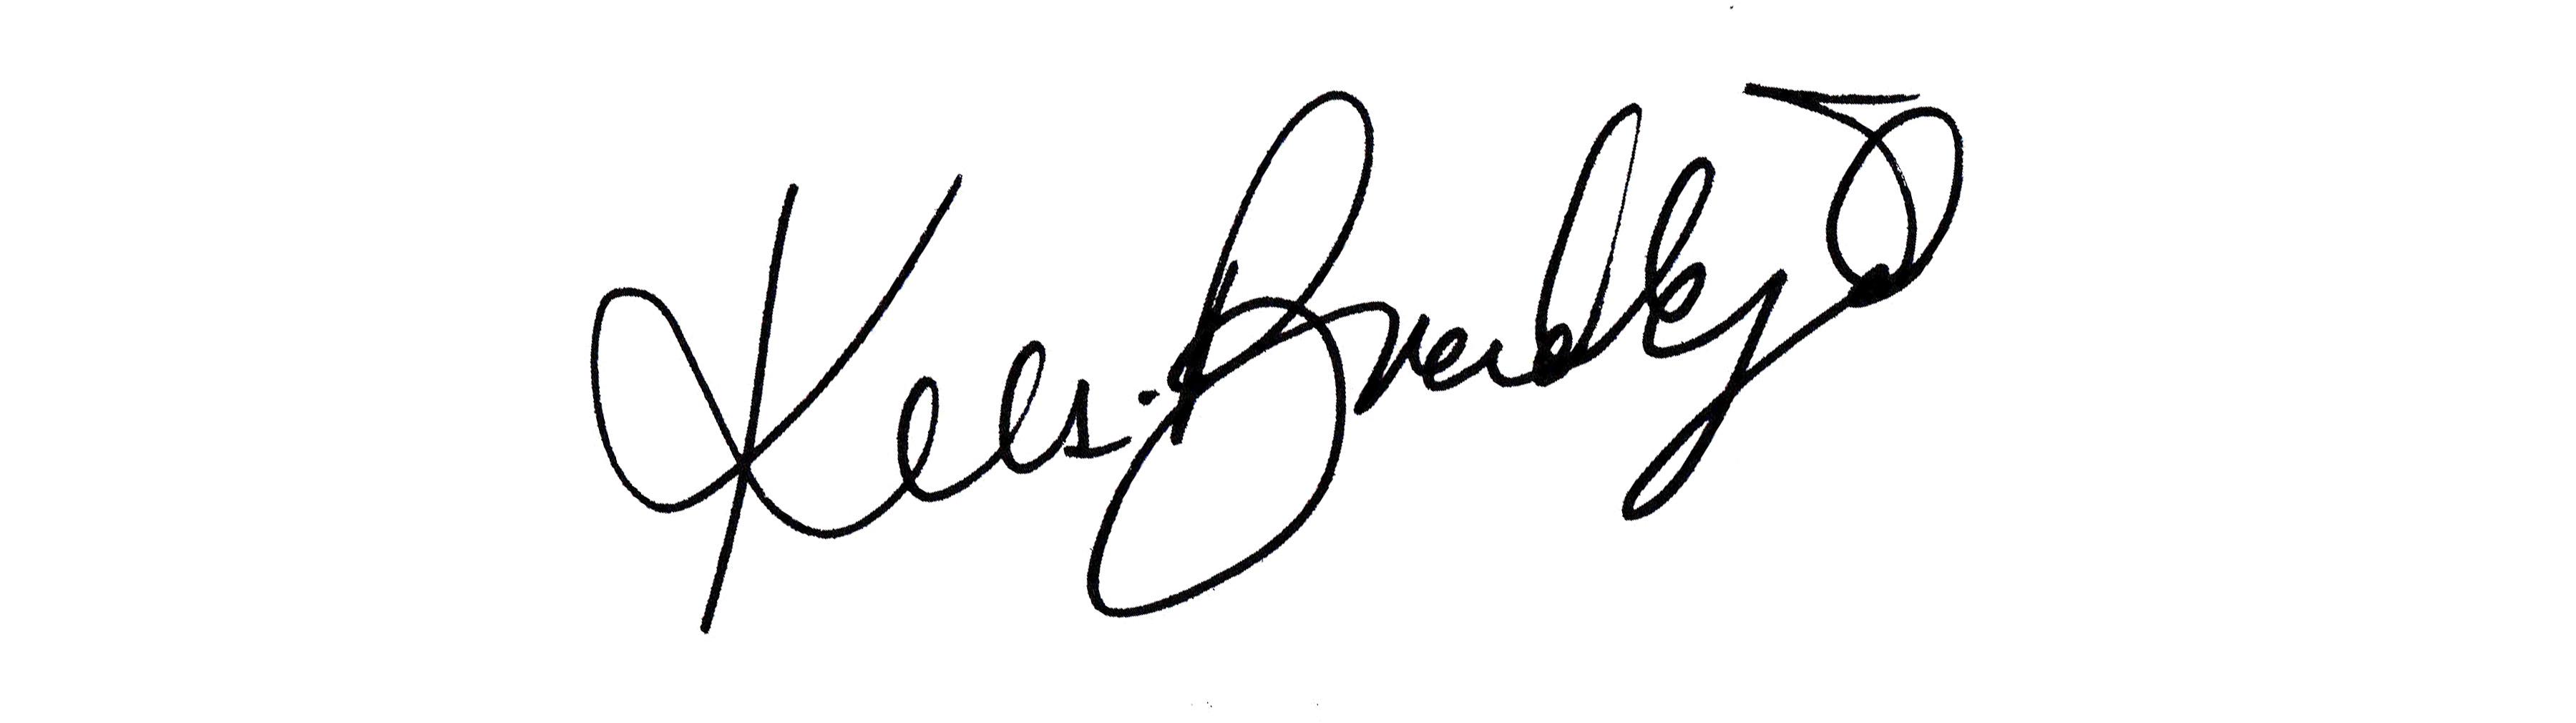 Designer Kel Signature